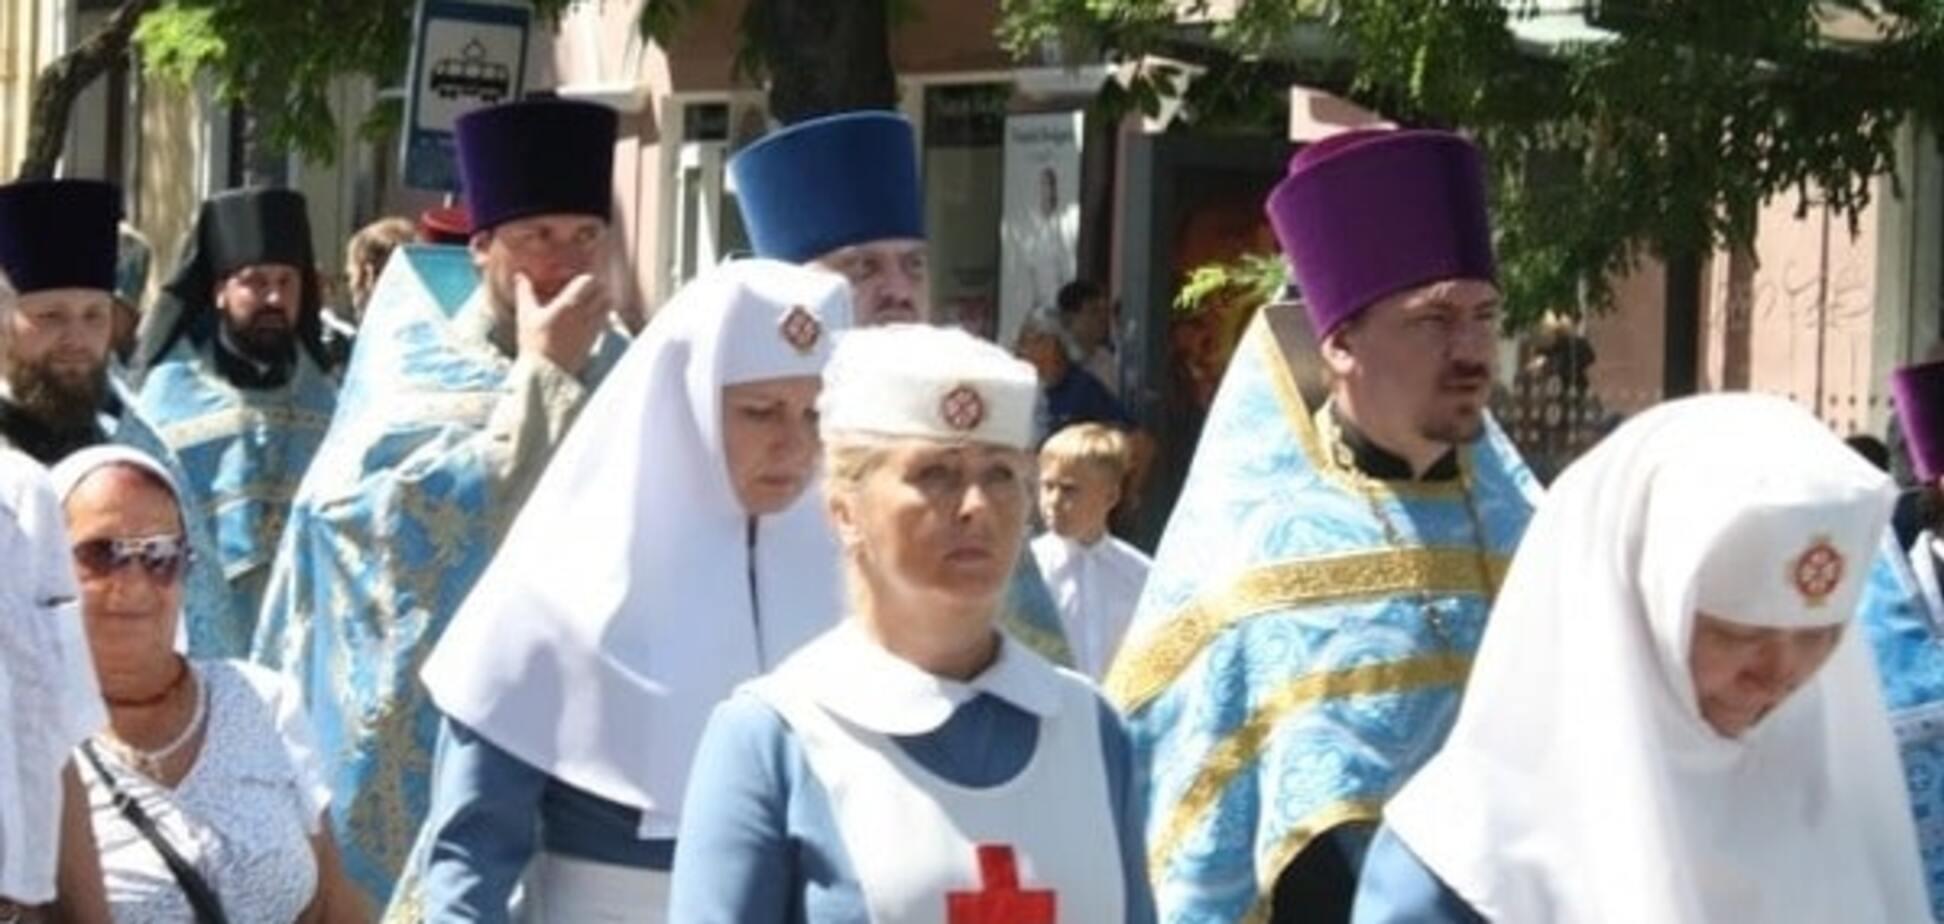 Крестная хода в Одессе